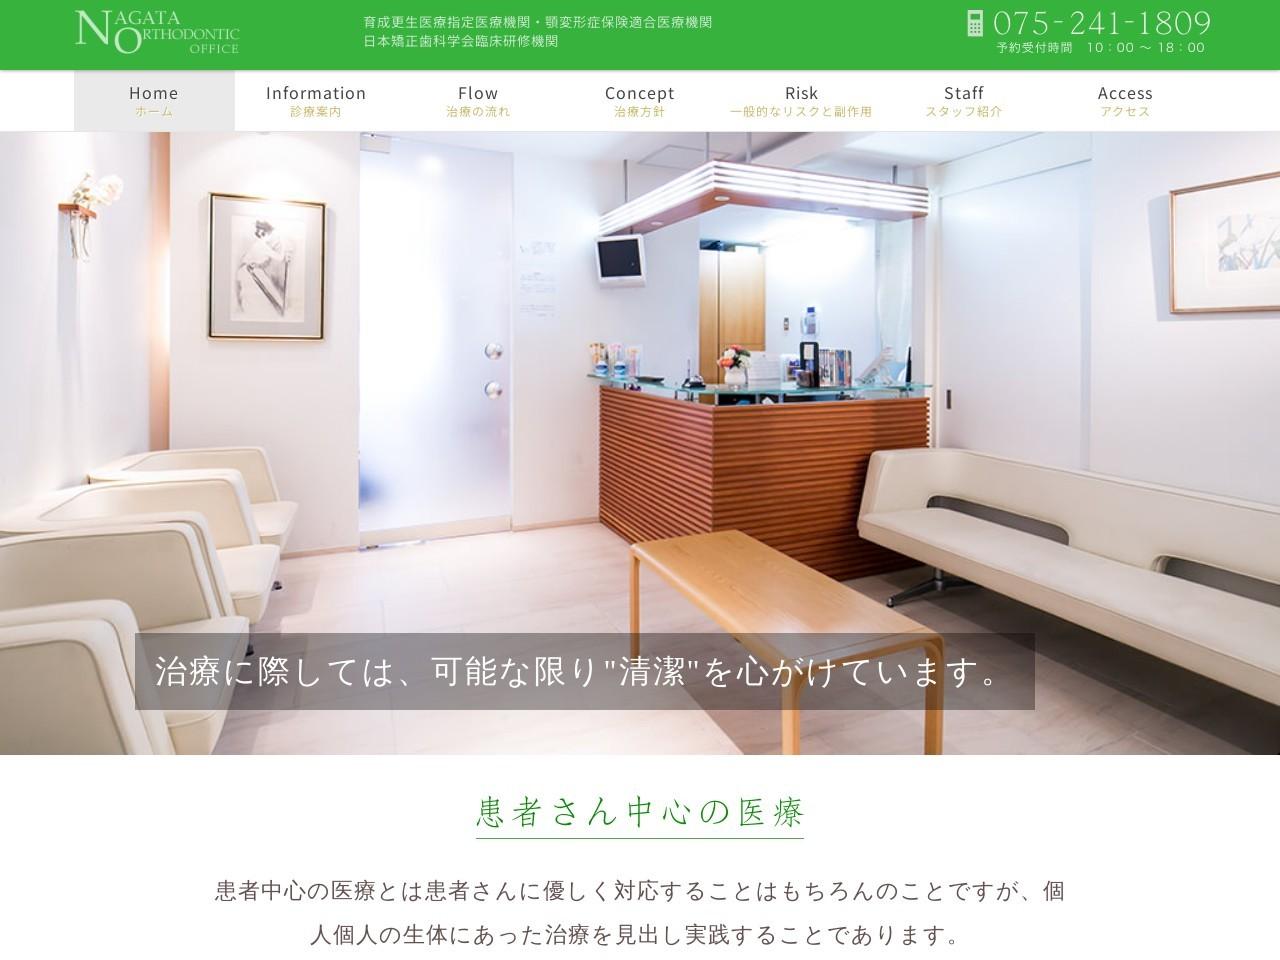 永田矯正歯科 (京都府京都市中京区)